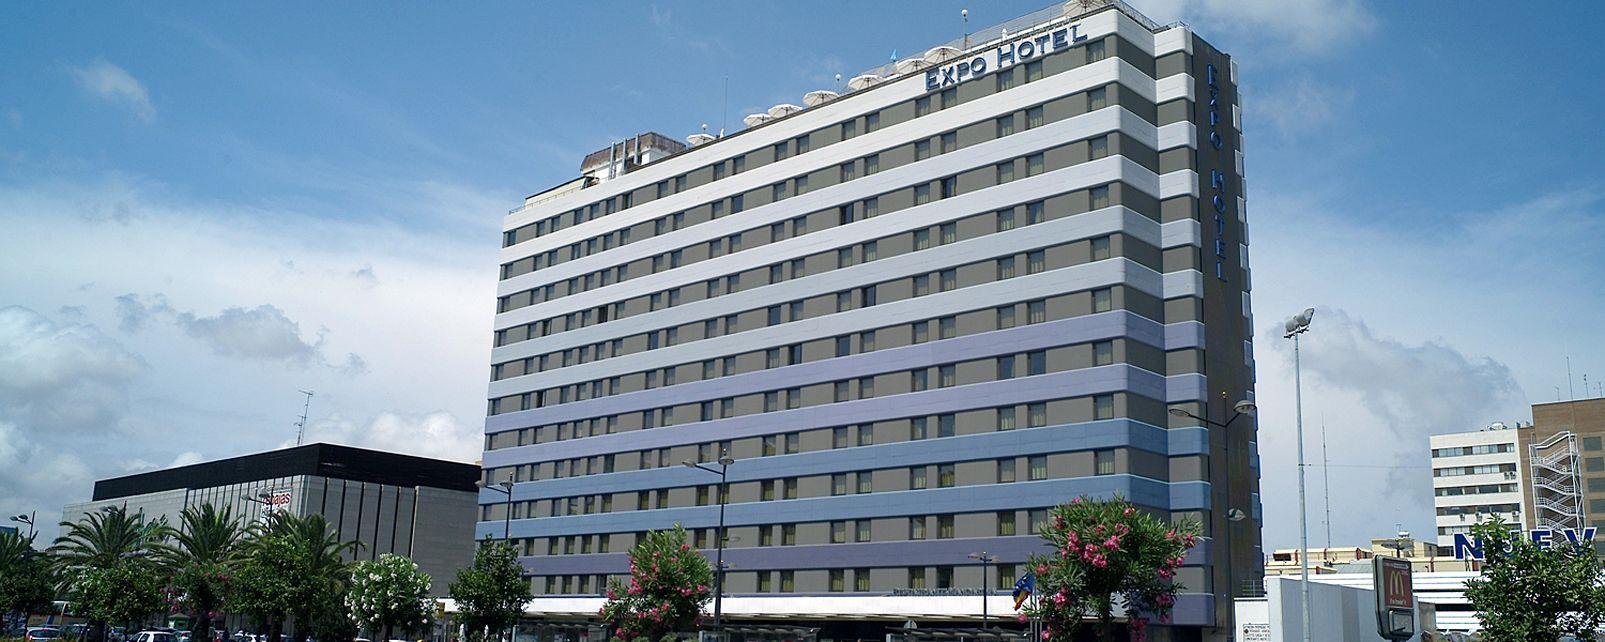 Hotel Expo Hotel